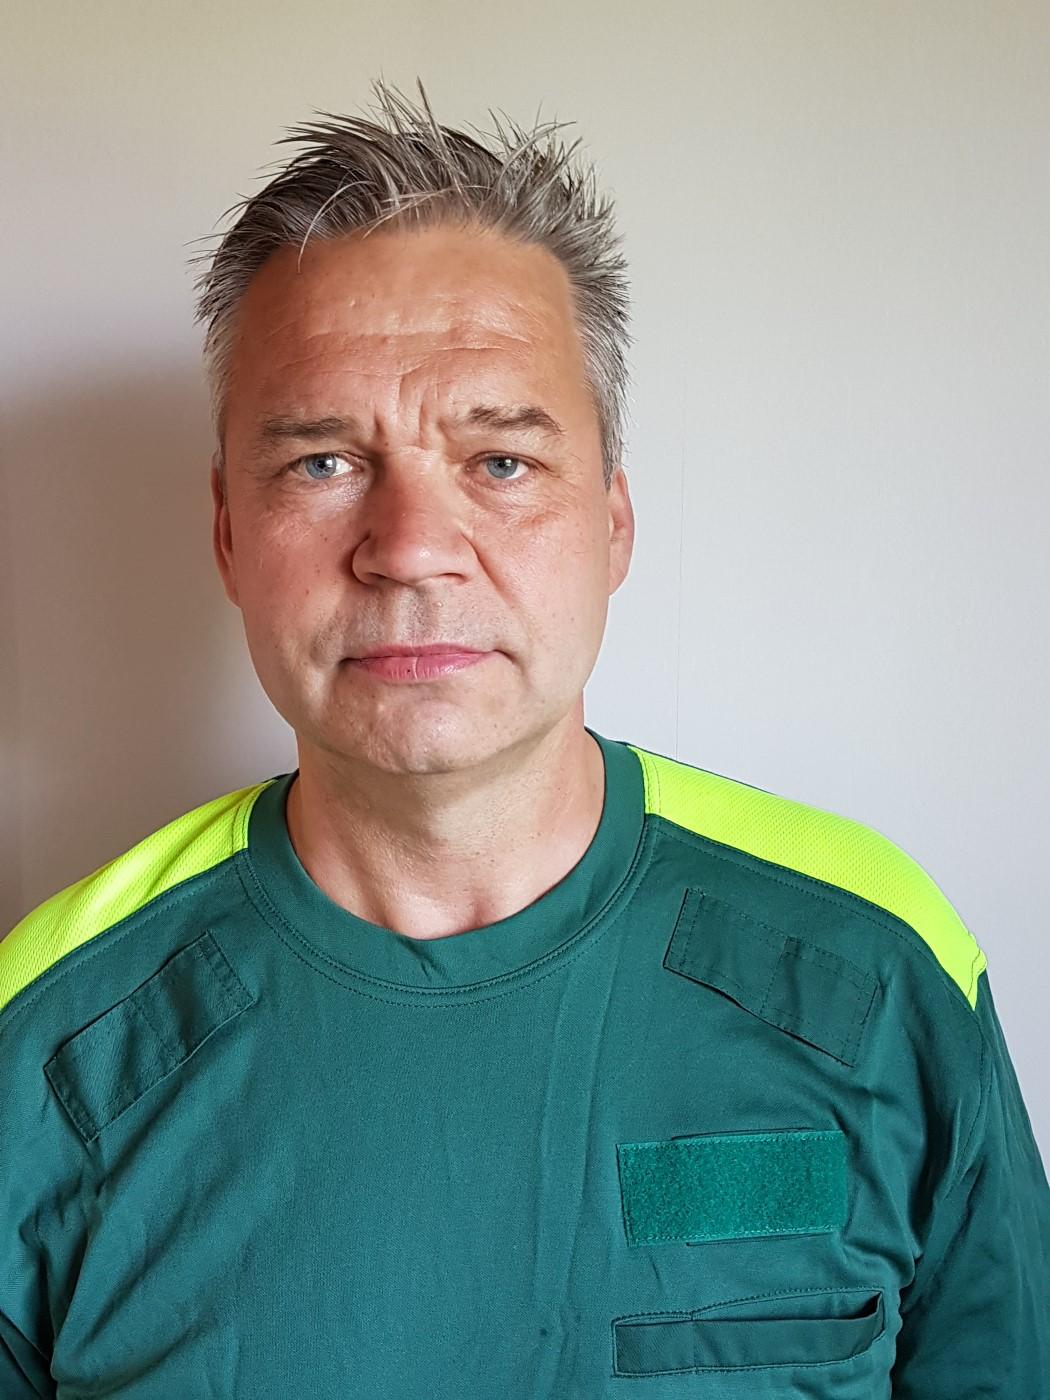 Falck ambulans kritiseras för att kringgå regler om övertid